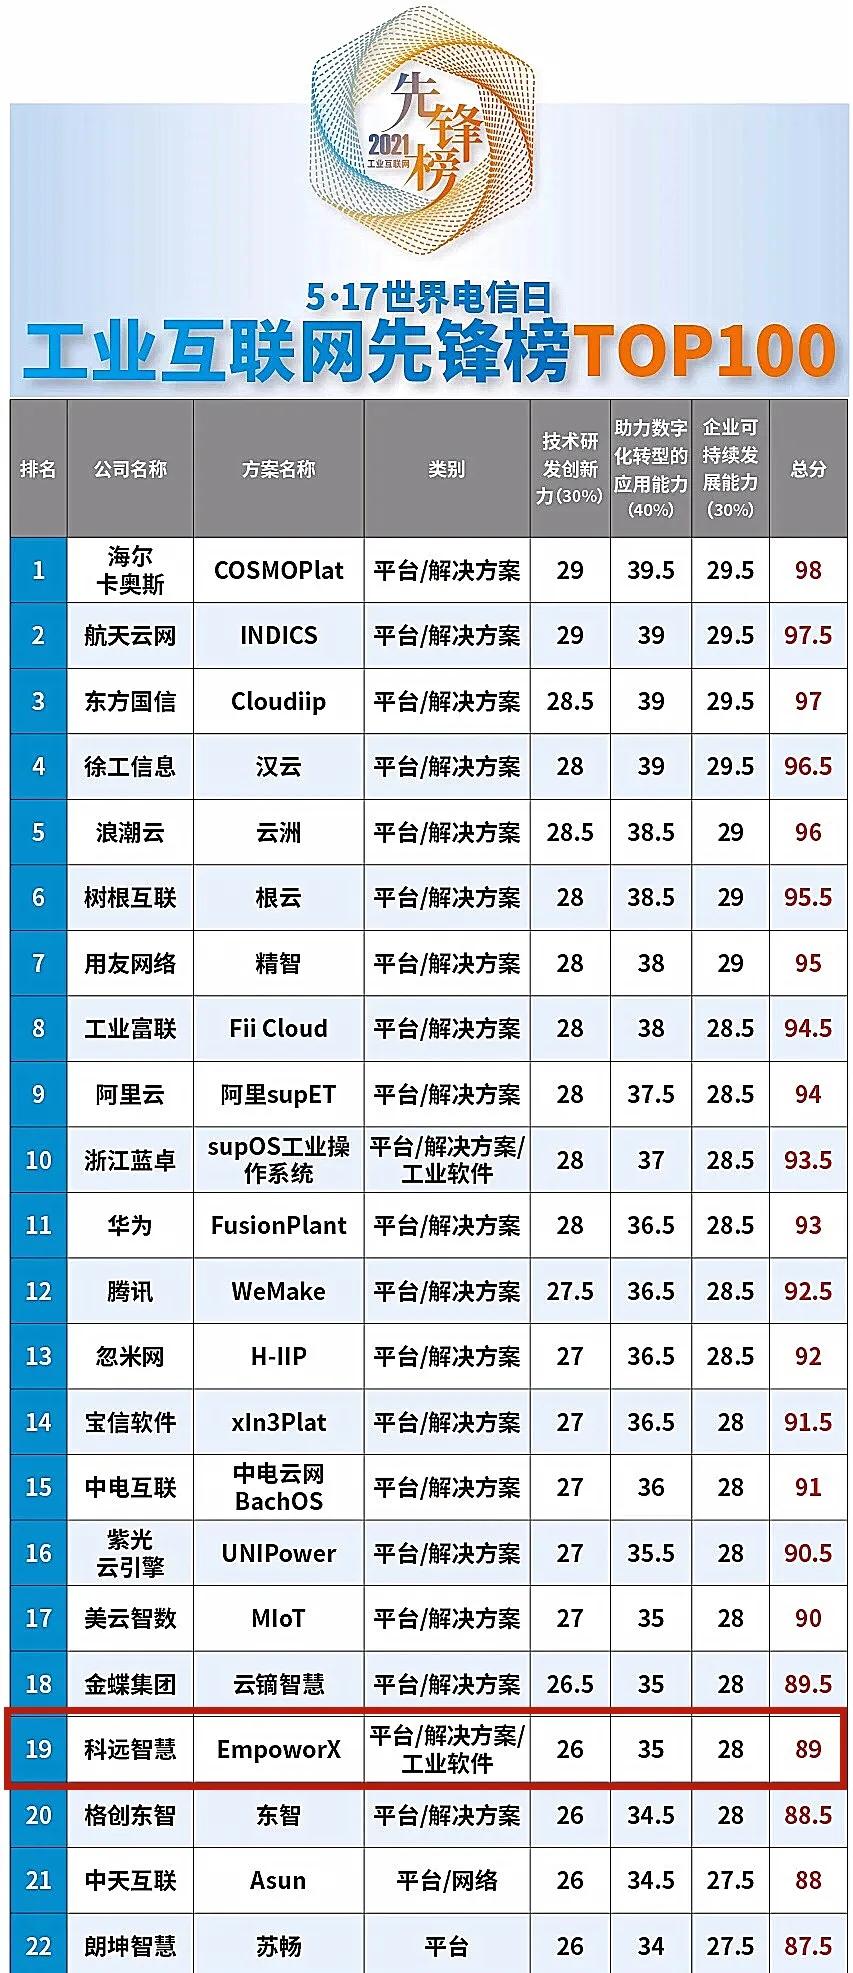 持續領跑!科遠 EmpoworX入選2021工業互聯網先鋒榜TOP19